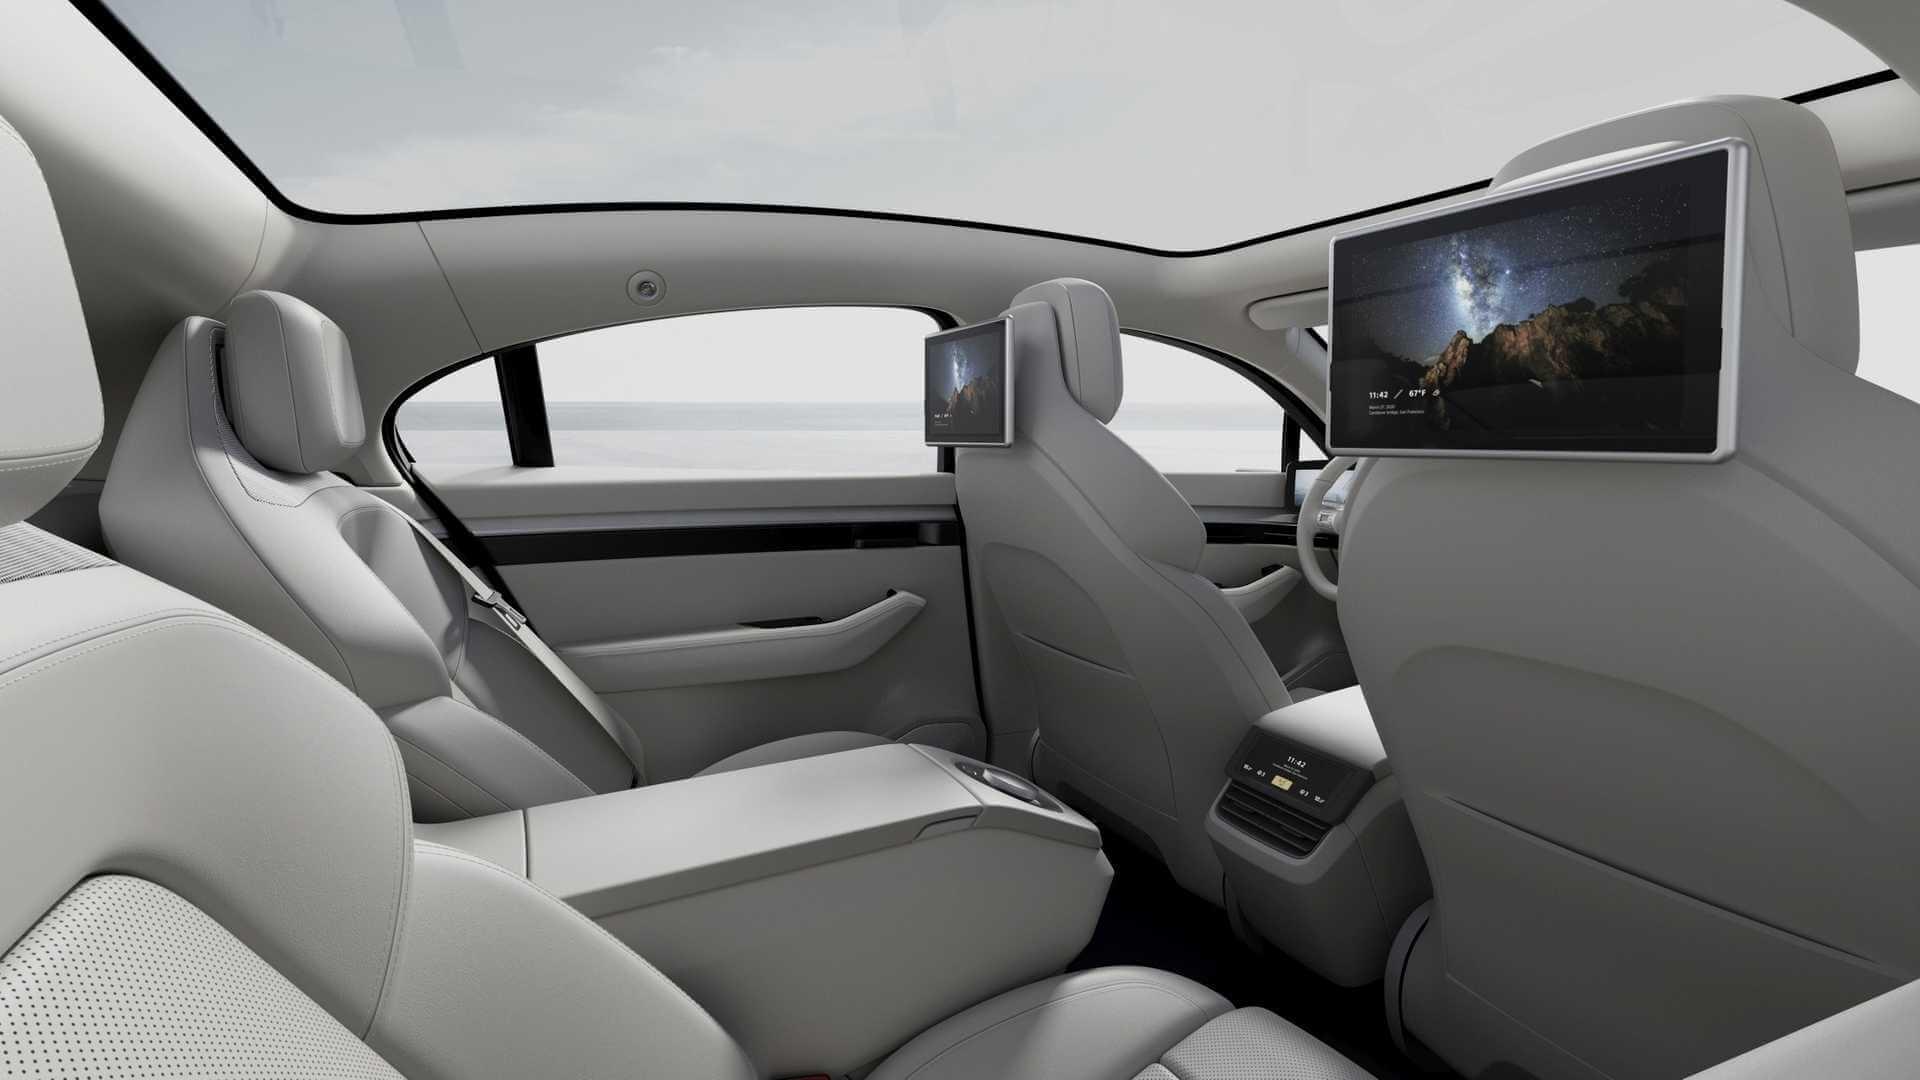 Два дополнительных экрана для задних пассажиров